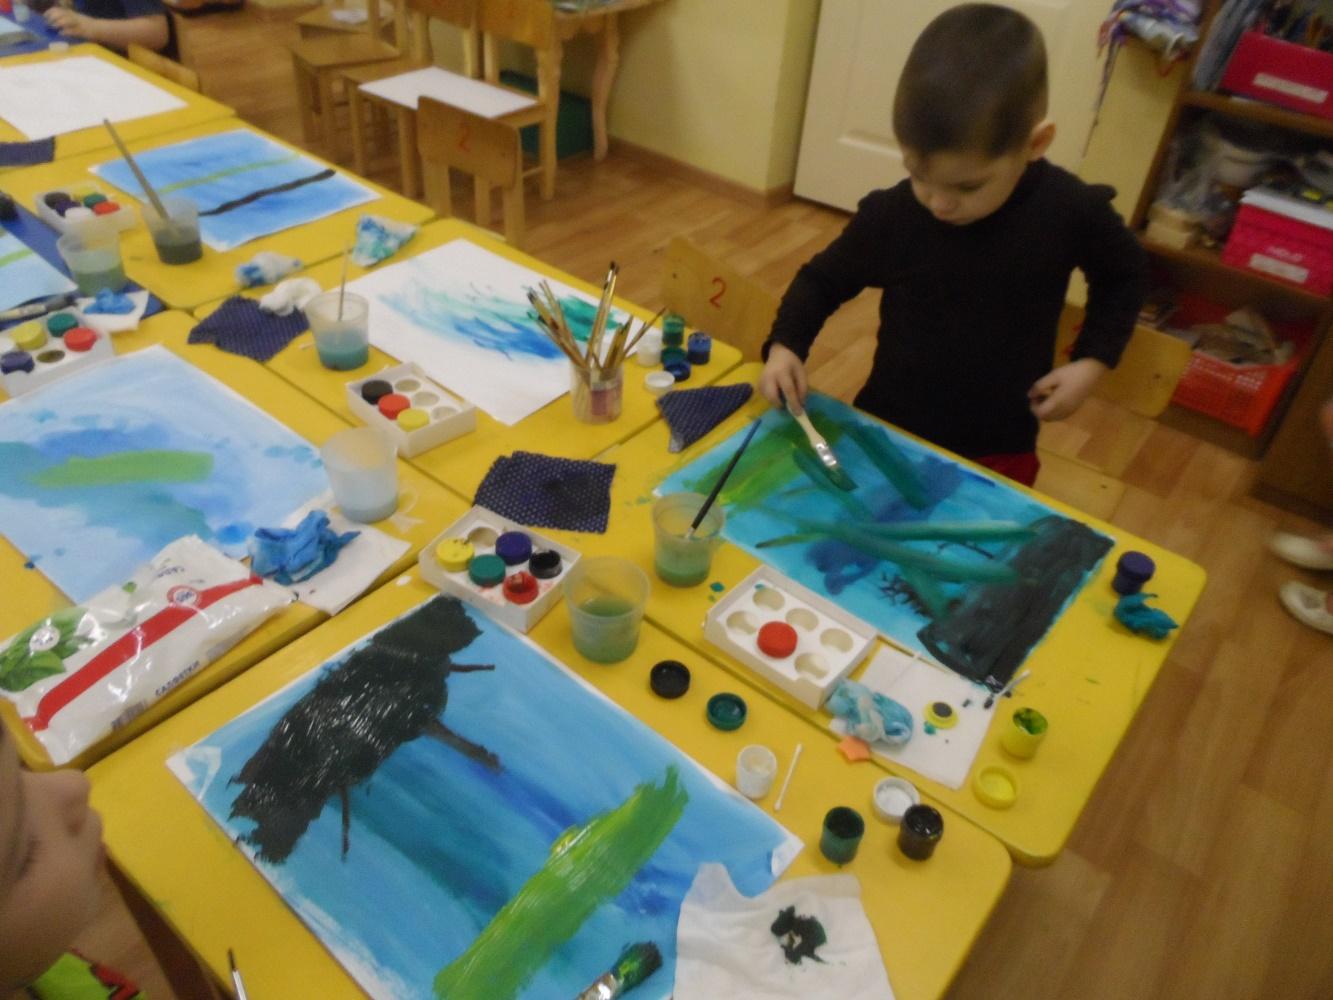 C:\Users\лена\Desktop\папка детсад с рабочего стола\детский сад\проект маршака\фото по проекту Маршак\SAM_4115.JPG